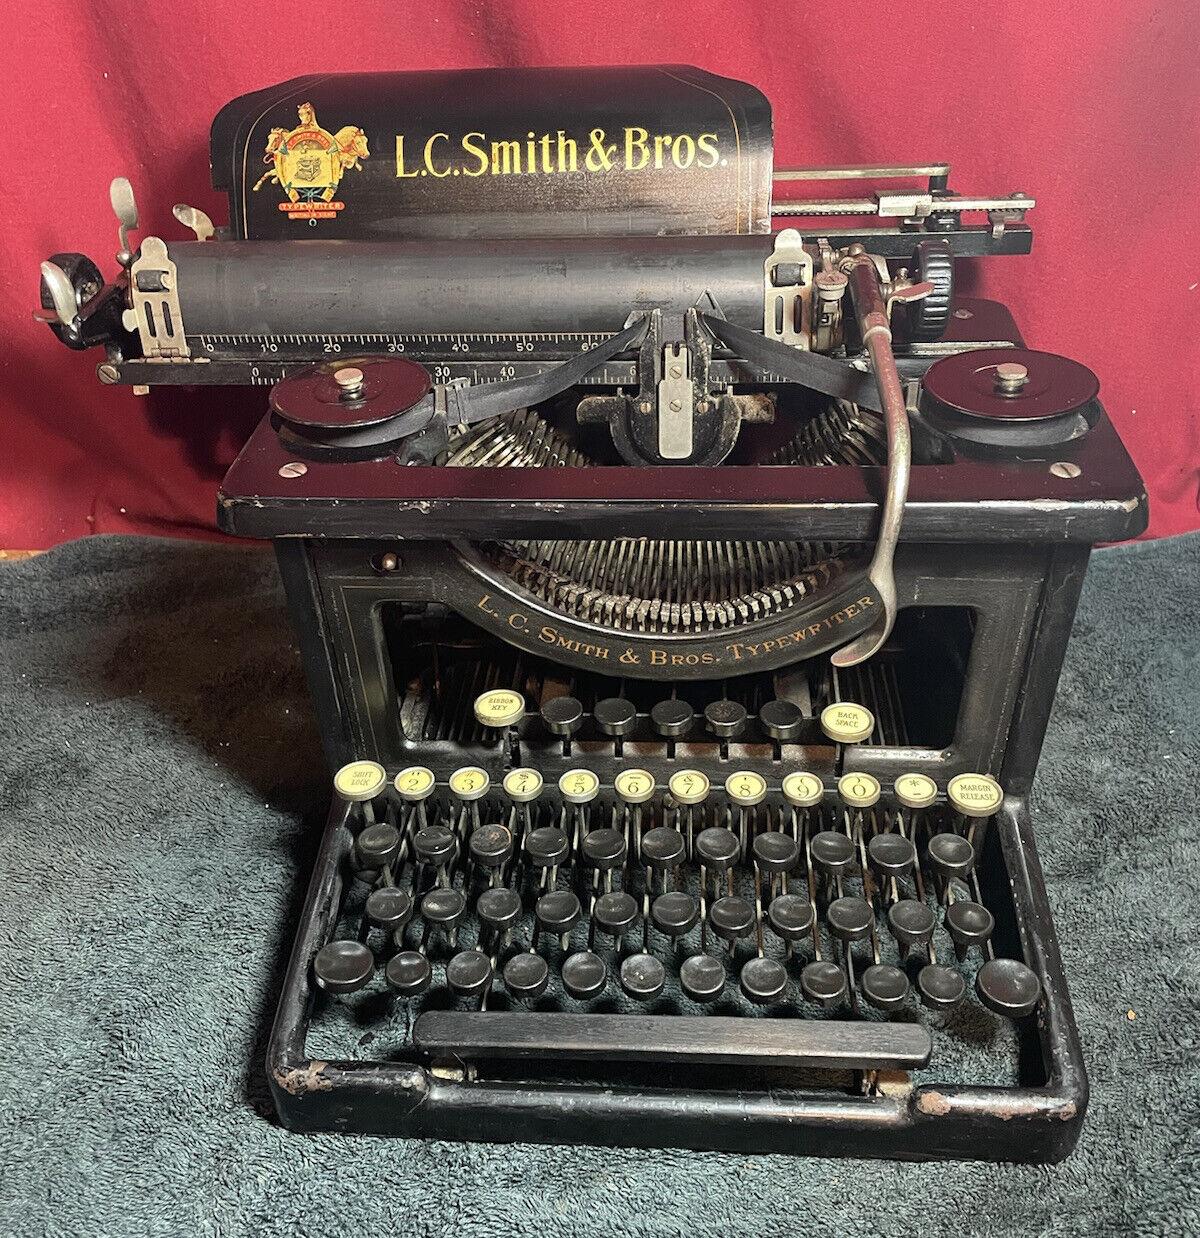 L.C. Smith & Bros. No. 8